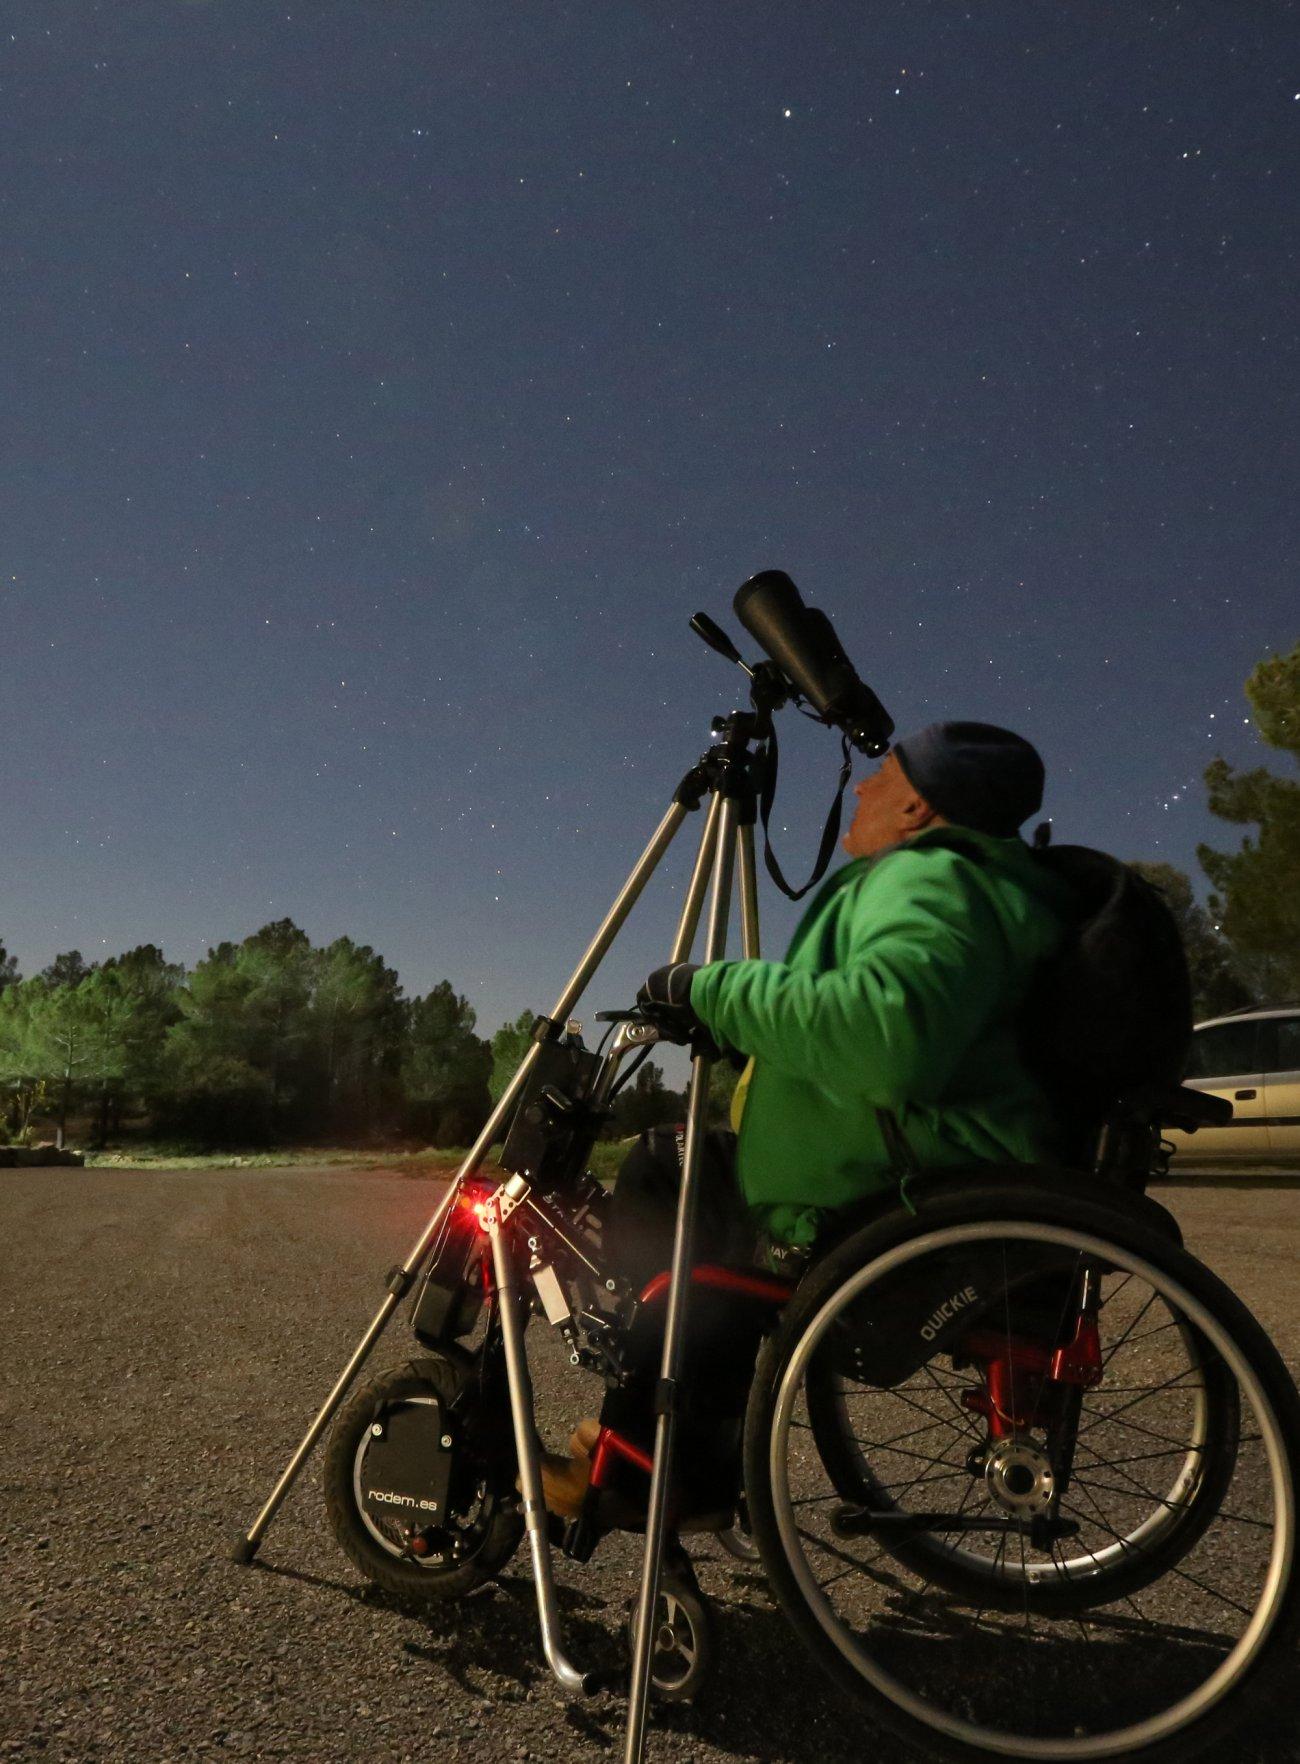 Sierra de Gúdar-Javalambre: Observación de estrellas desde la sierra (turismo accesible)